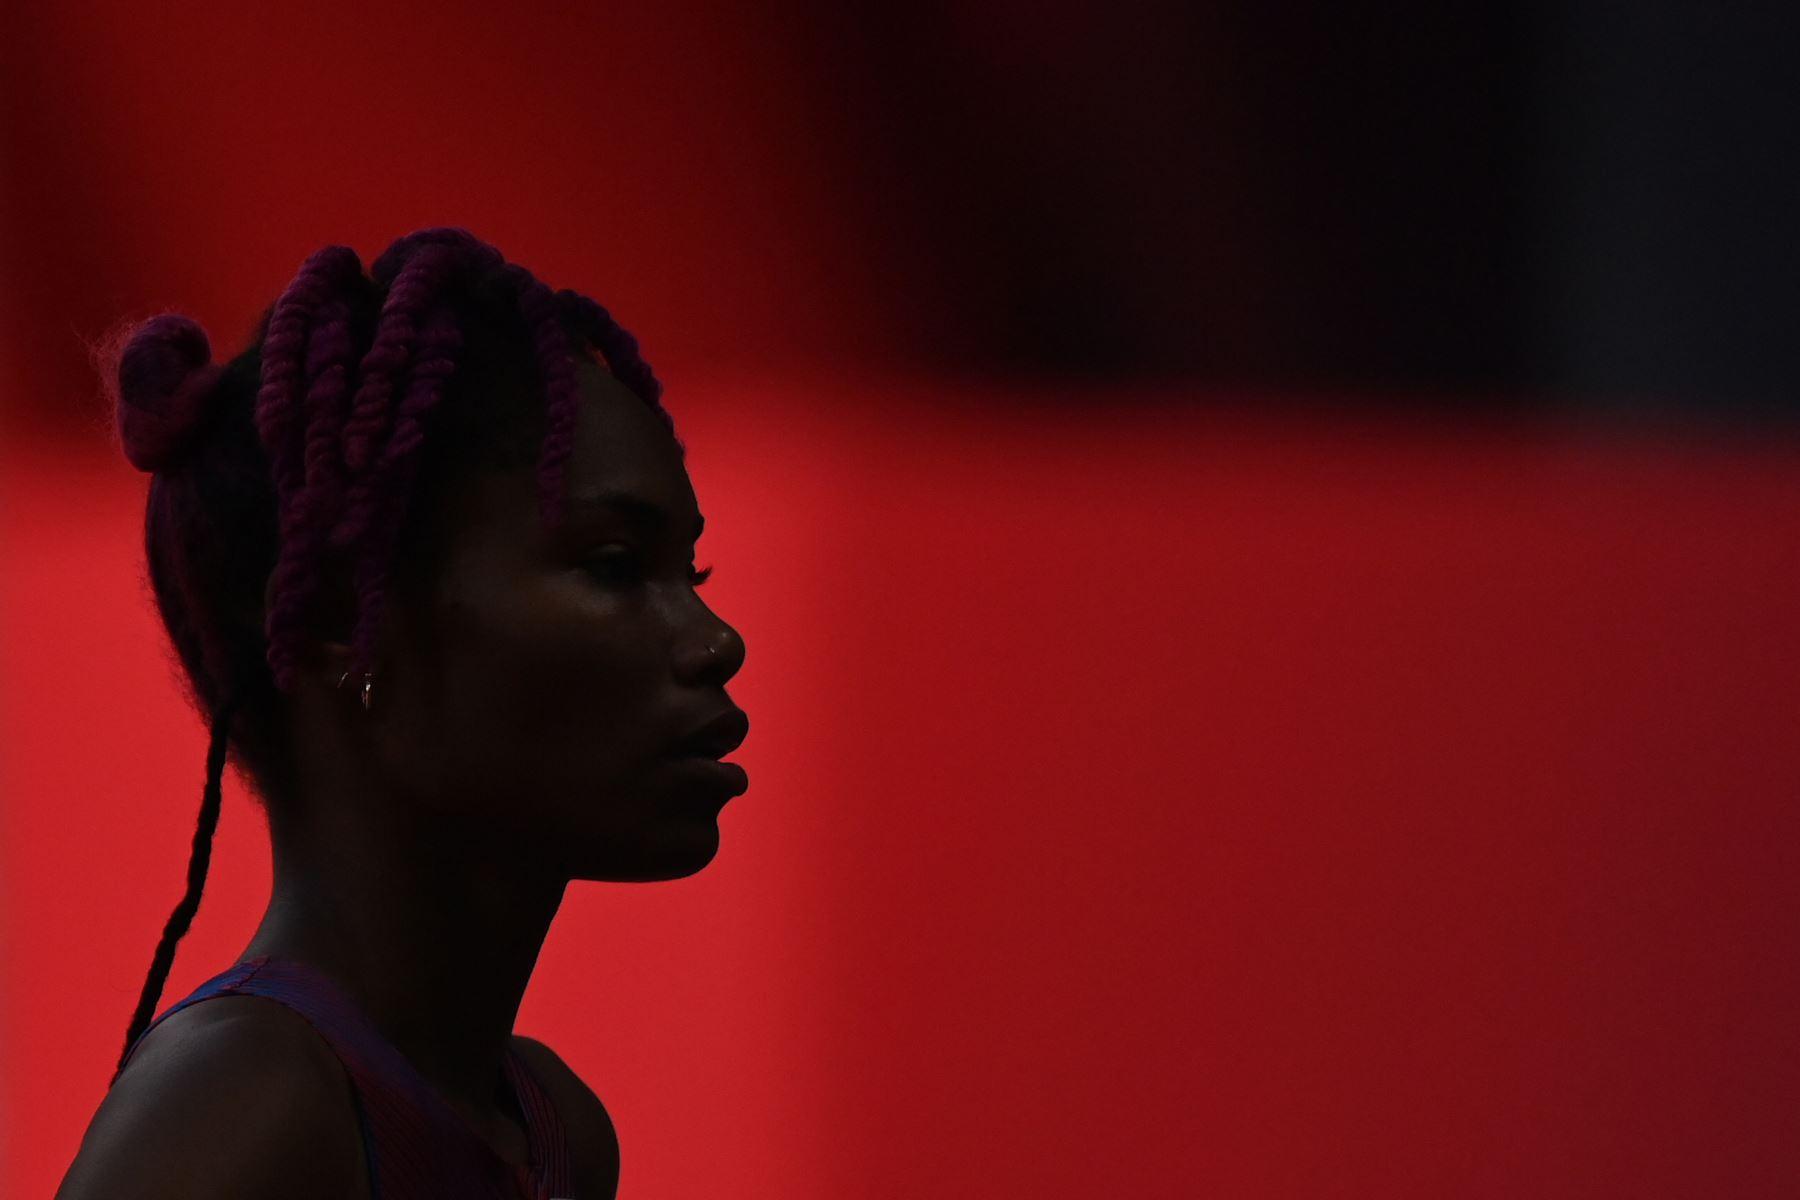 La estadounidense Tynita Butts-Townsend compite en la clasificación de salto de altura femenino, durante los Juegos Olímpicos de Tokio 2020 en el Estadio Olímpico de Tokio. Foto: AFP